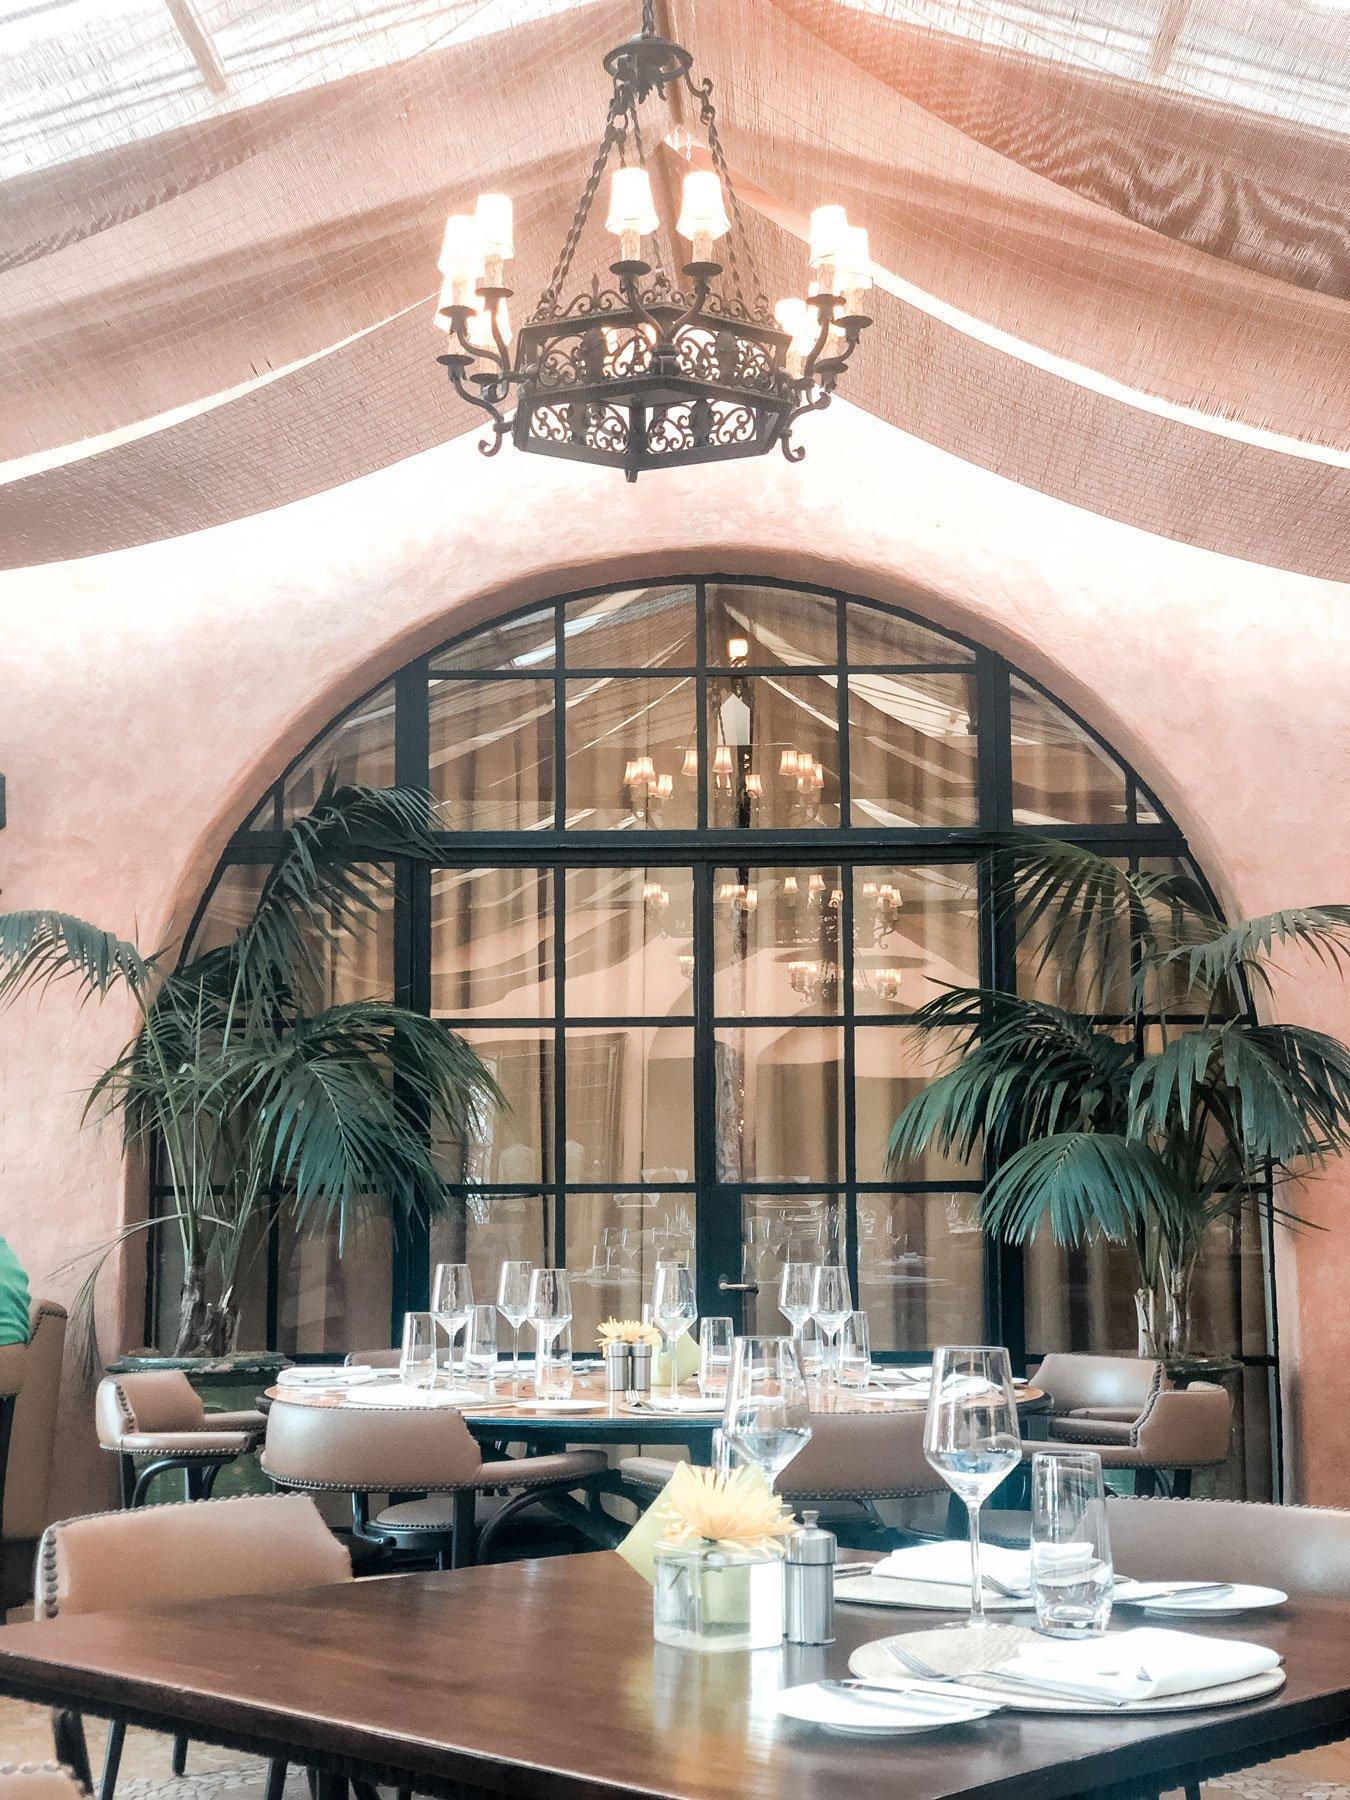 Bella vista Santa Barbara inside